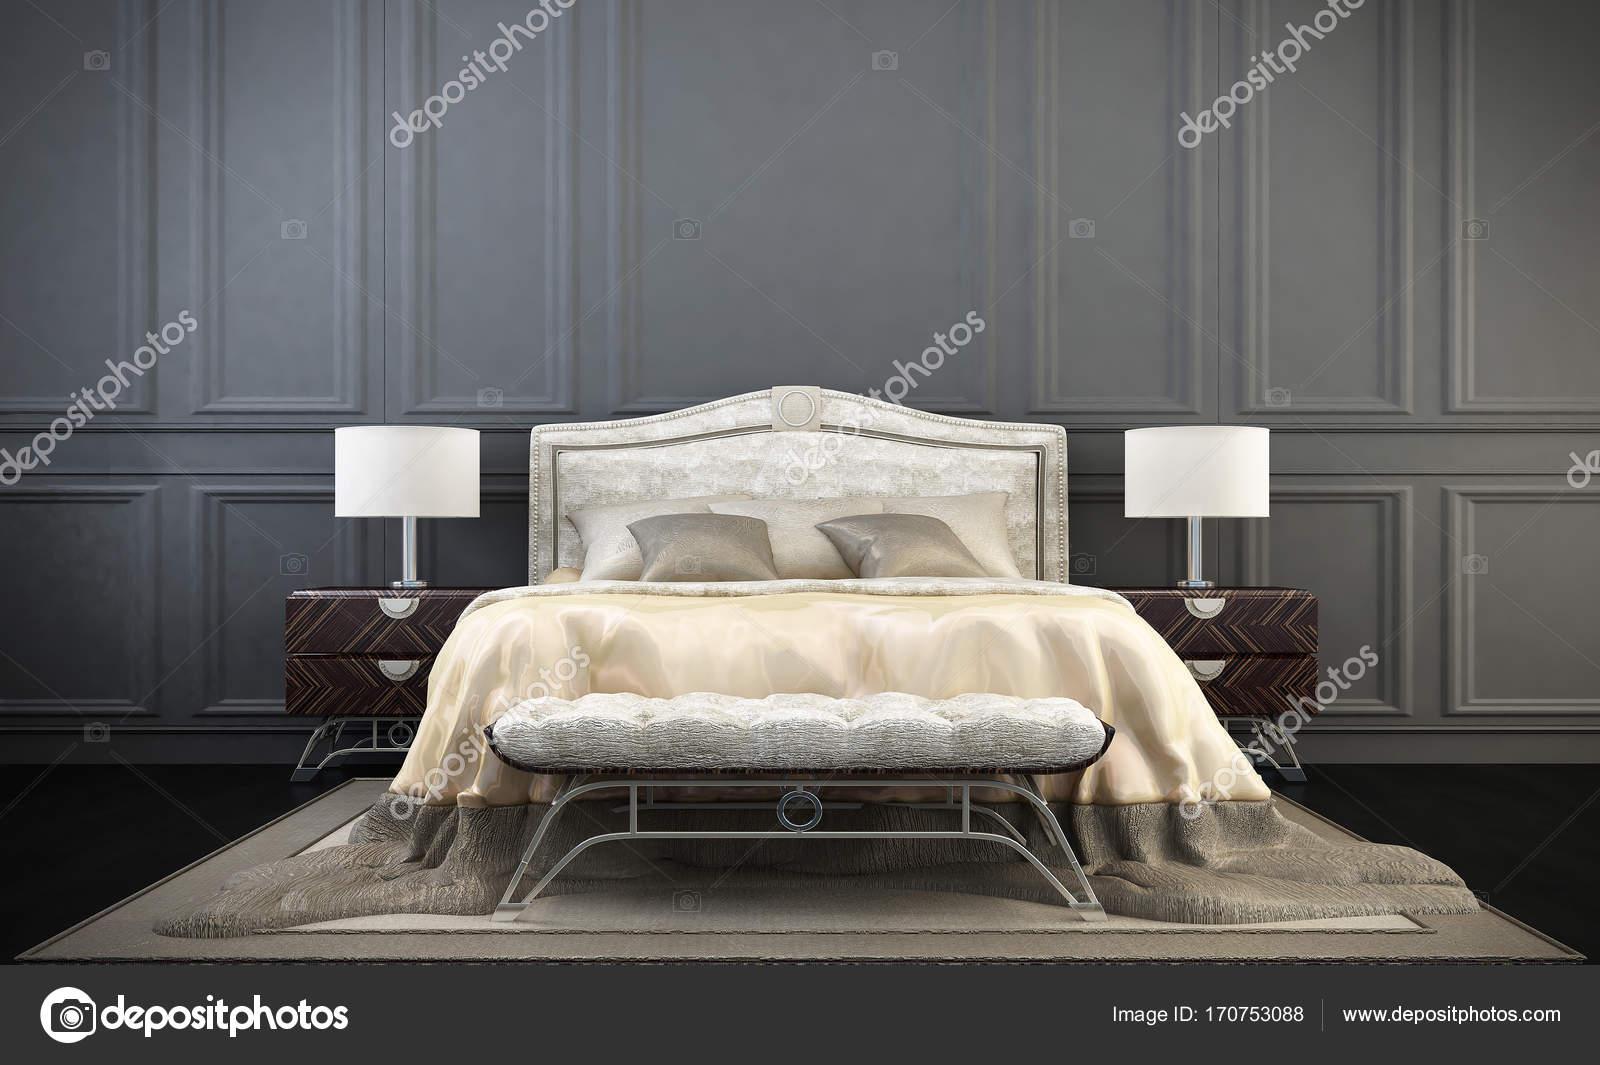 Uberlegen 3D Rendering Innenarchitektur Idee Konzept Von Luxus Schlafzimmer U2014 Foto  Von Teeraphan